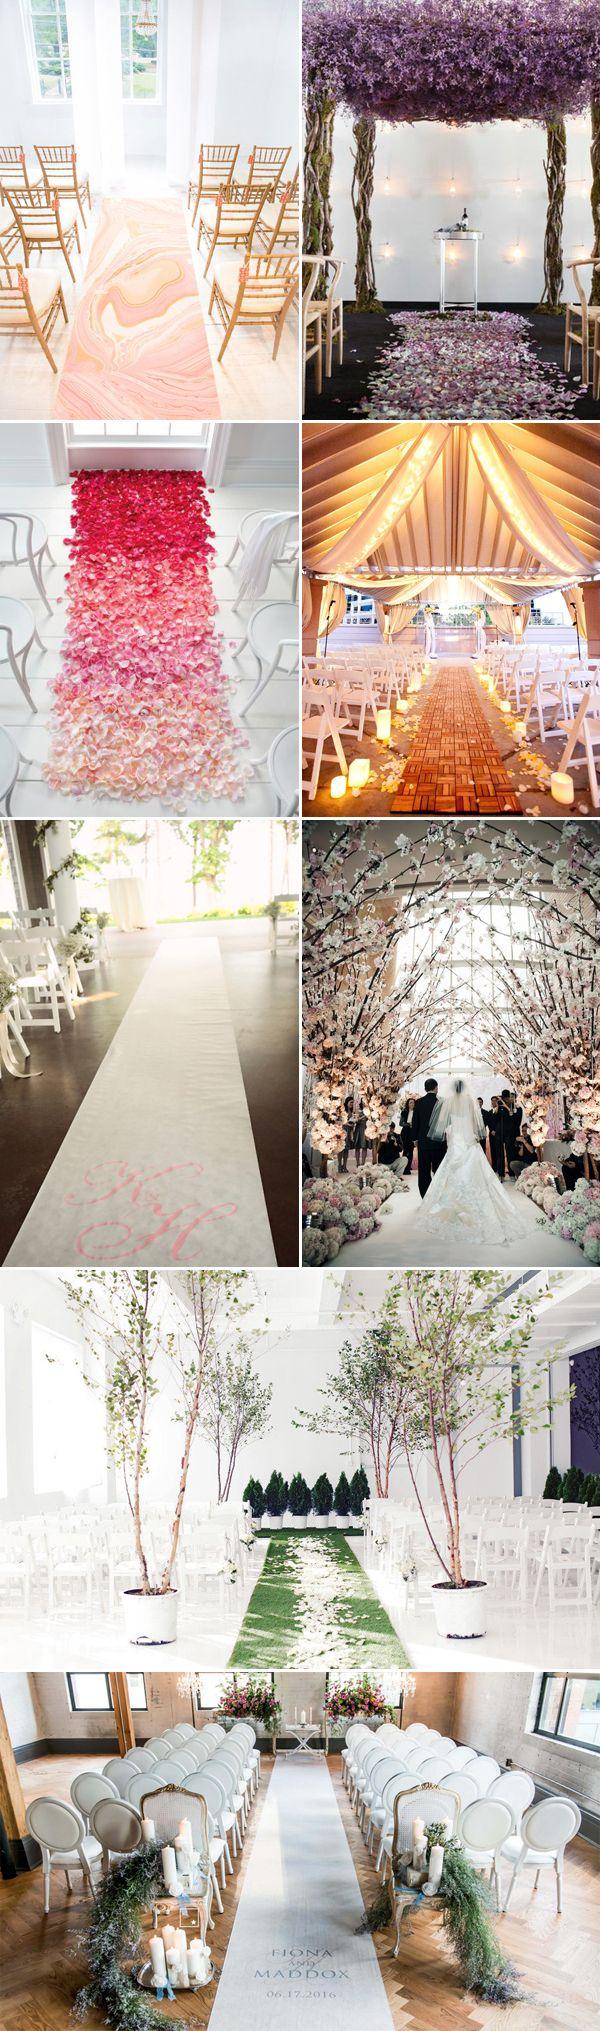 fotos de decoração de casamento 15